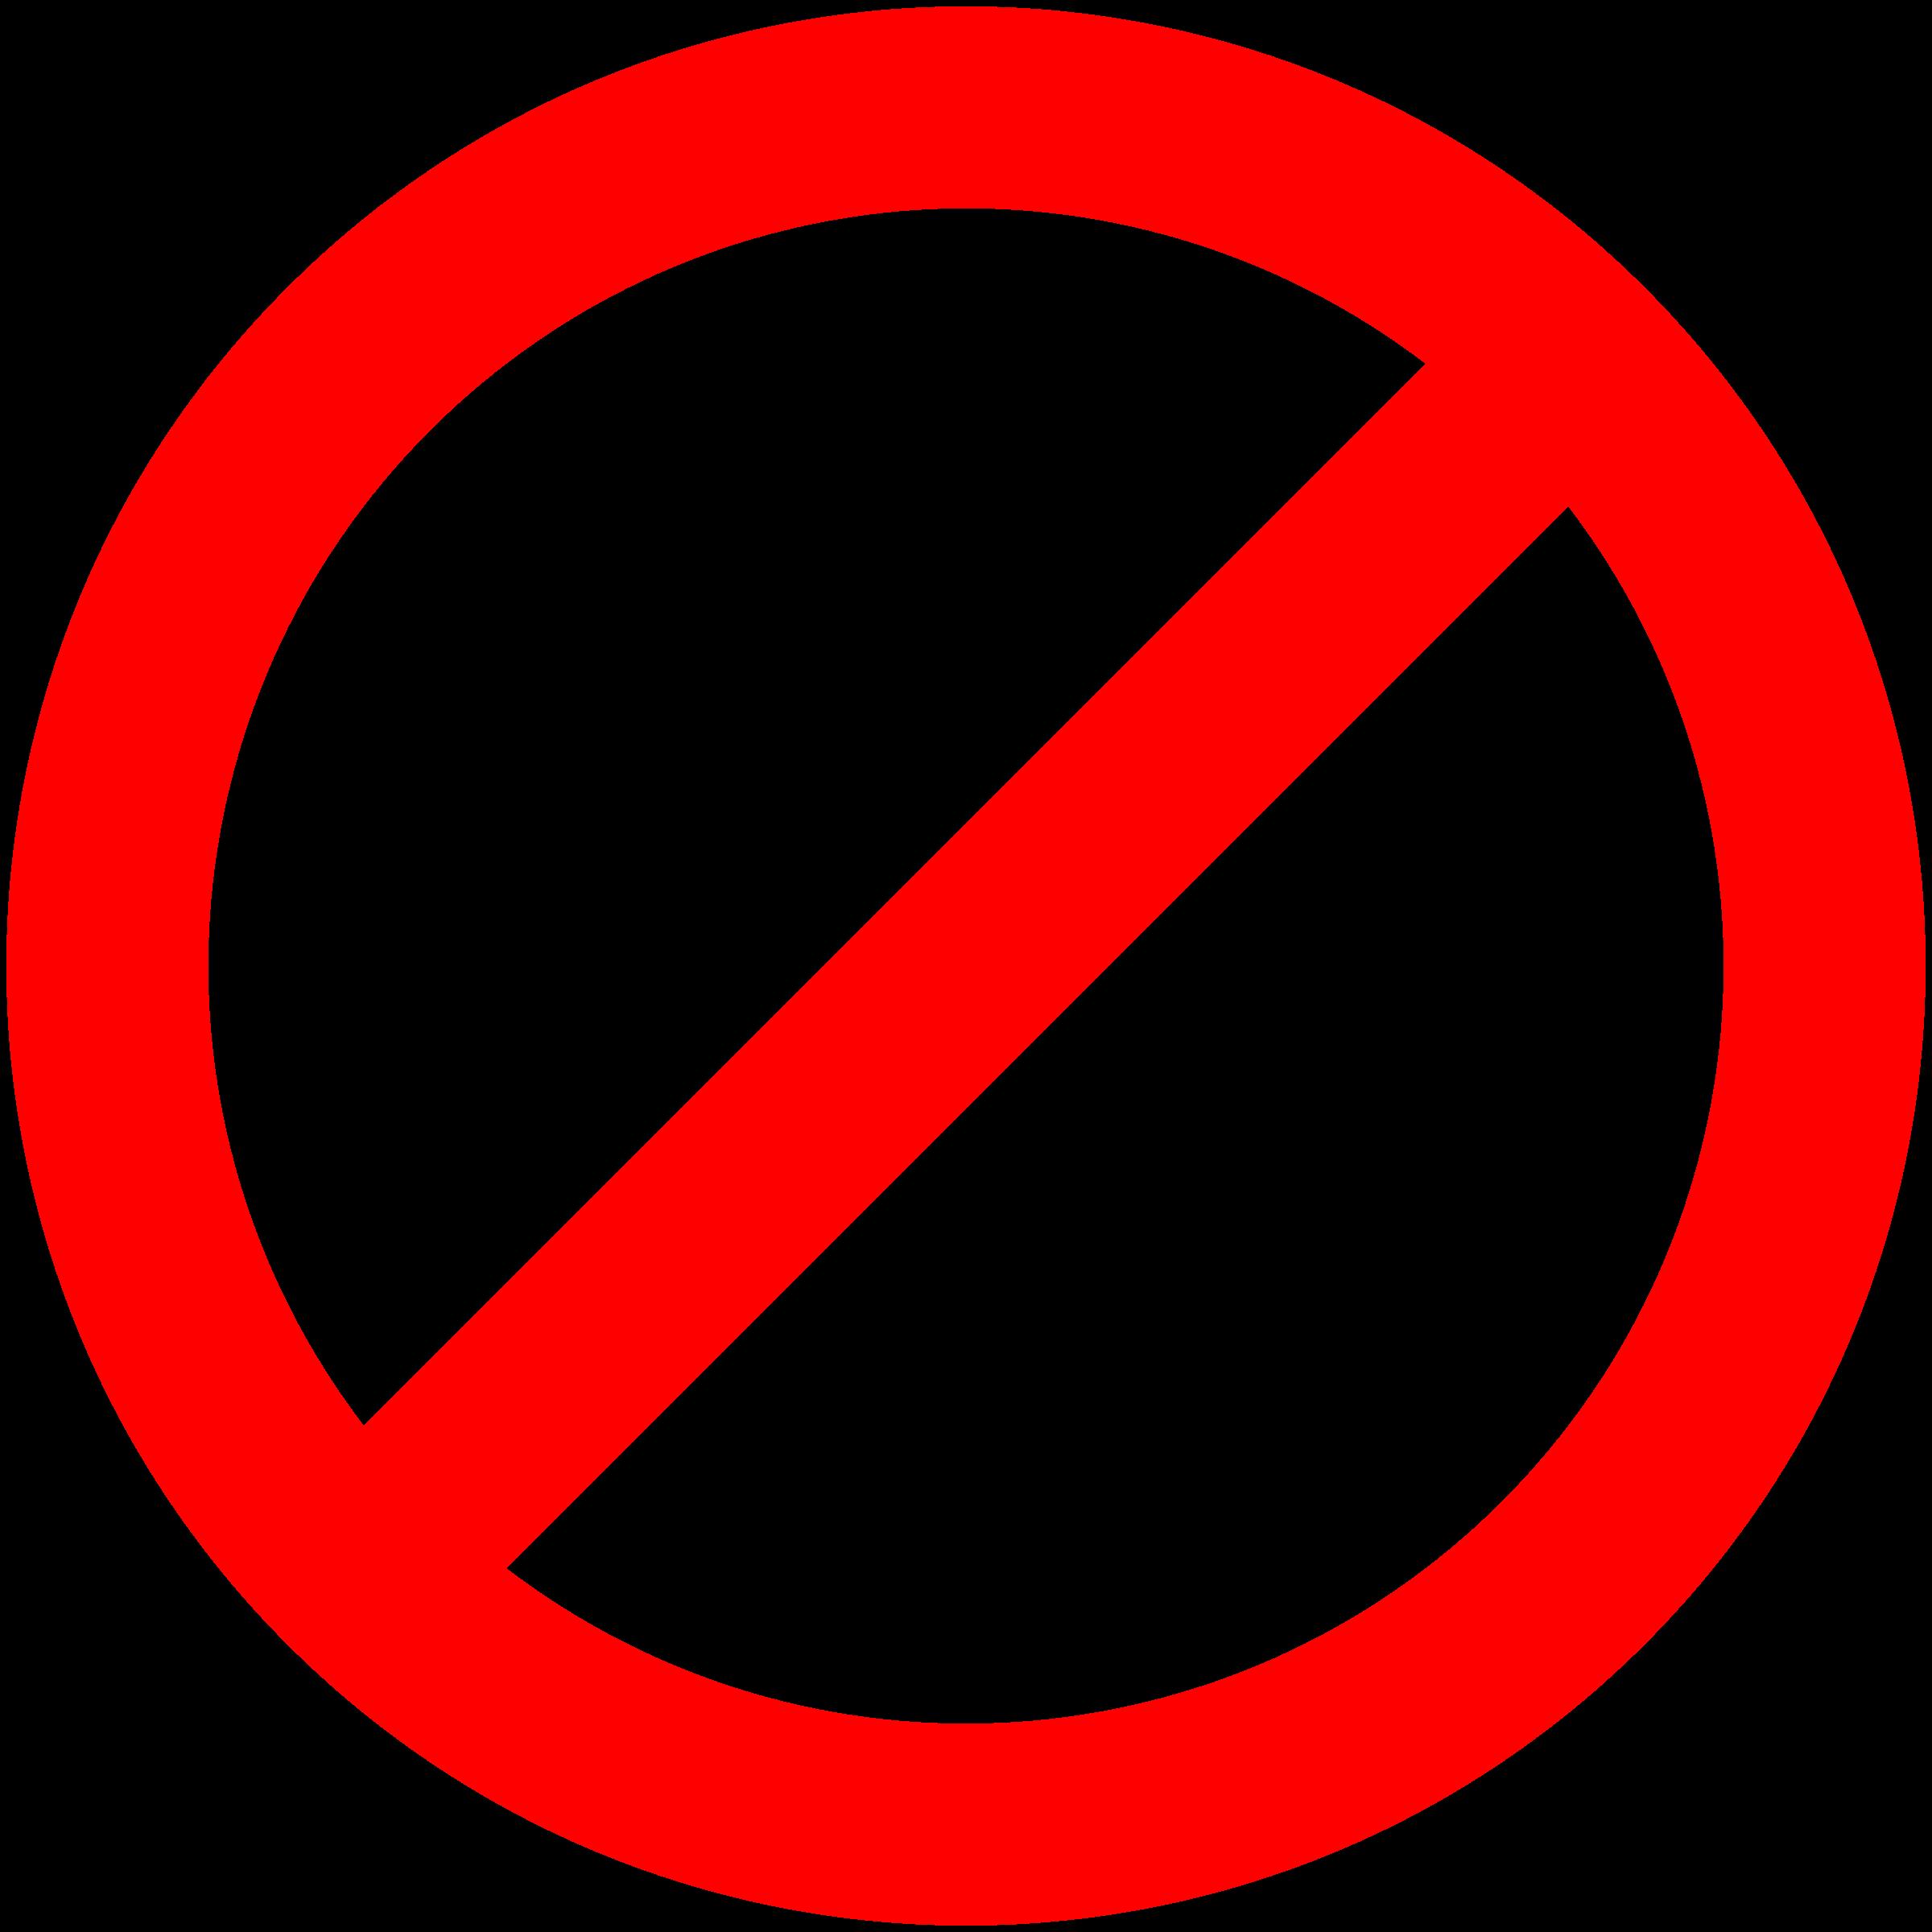 Transparent no signHow About No Transparent